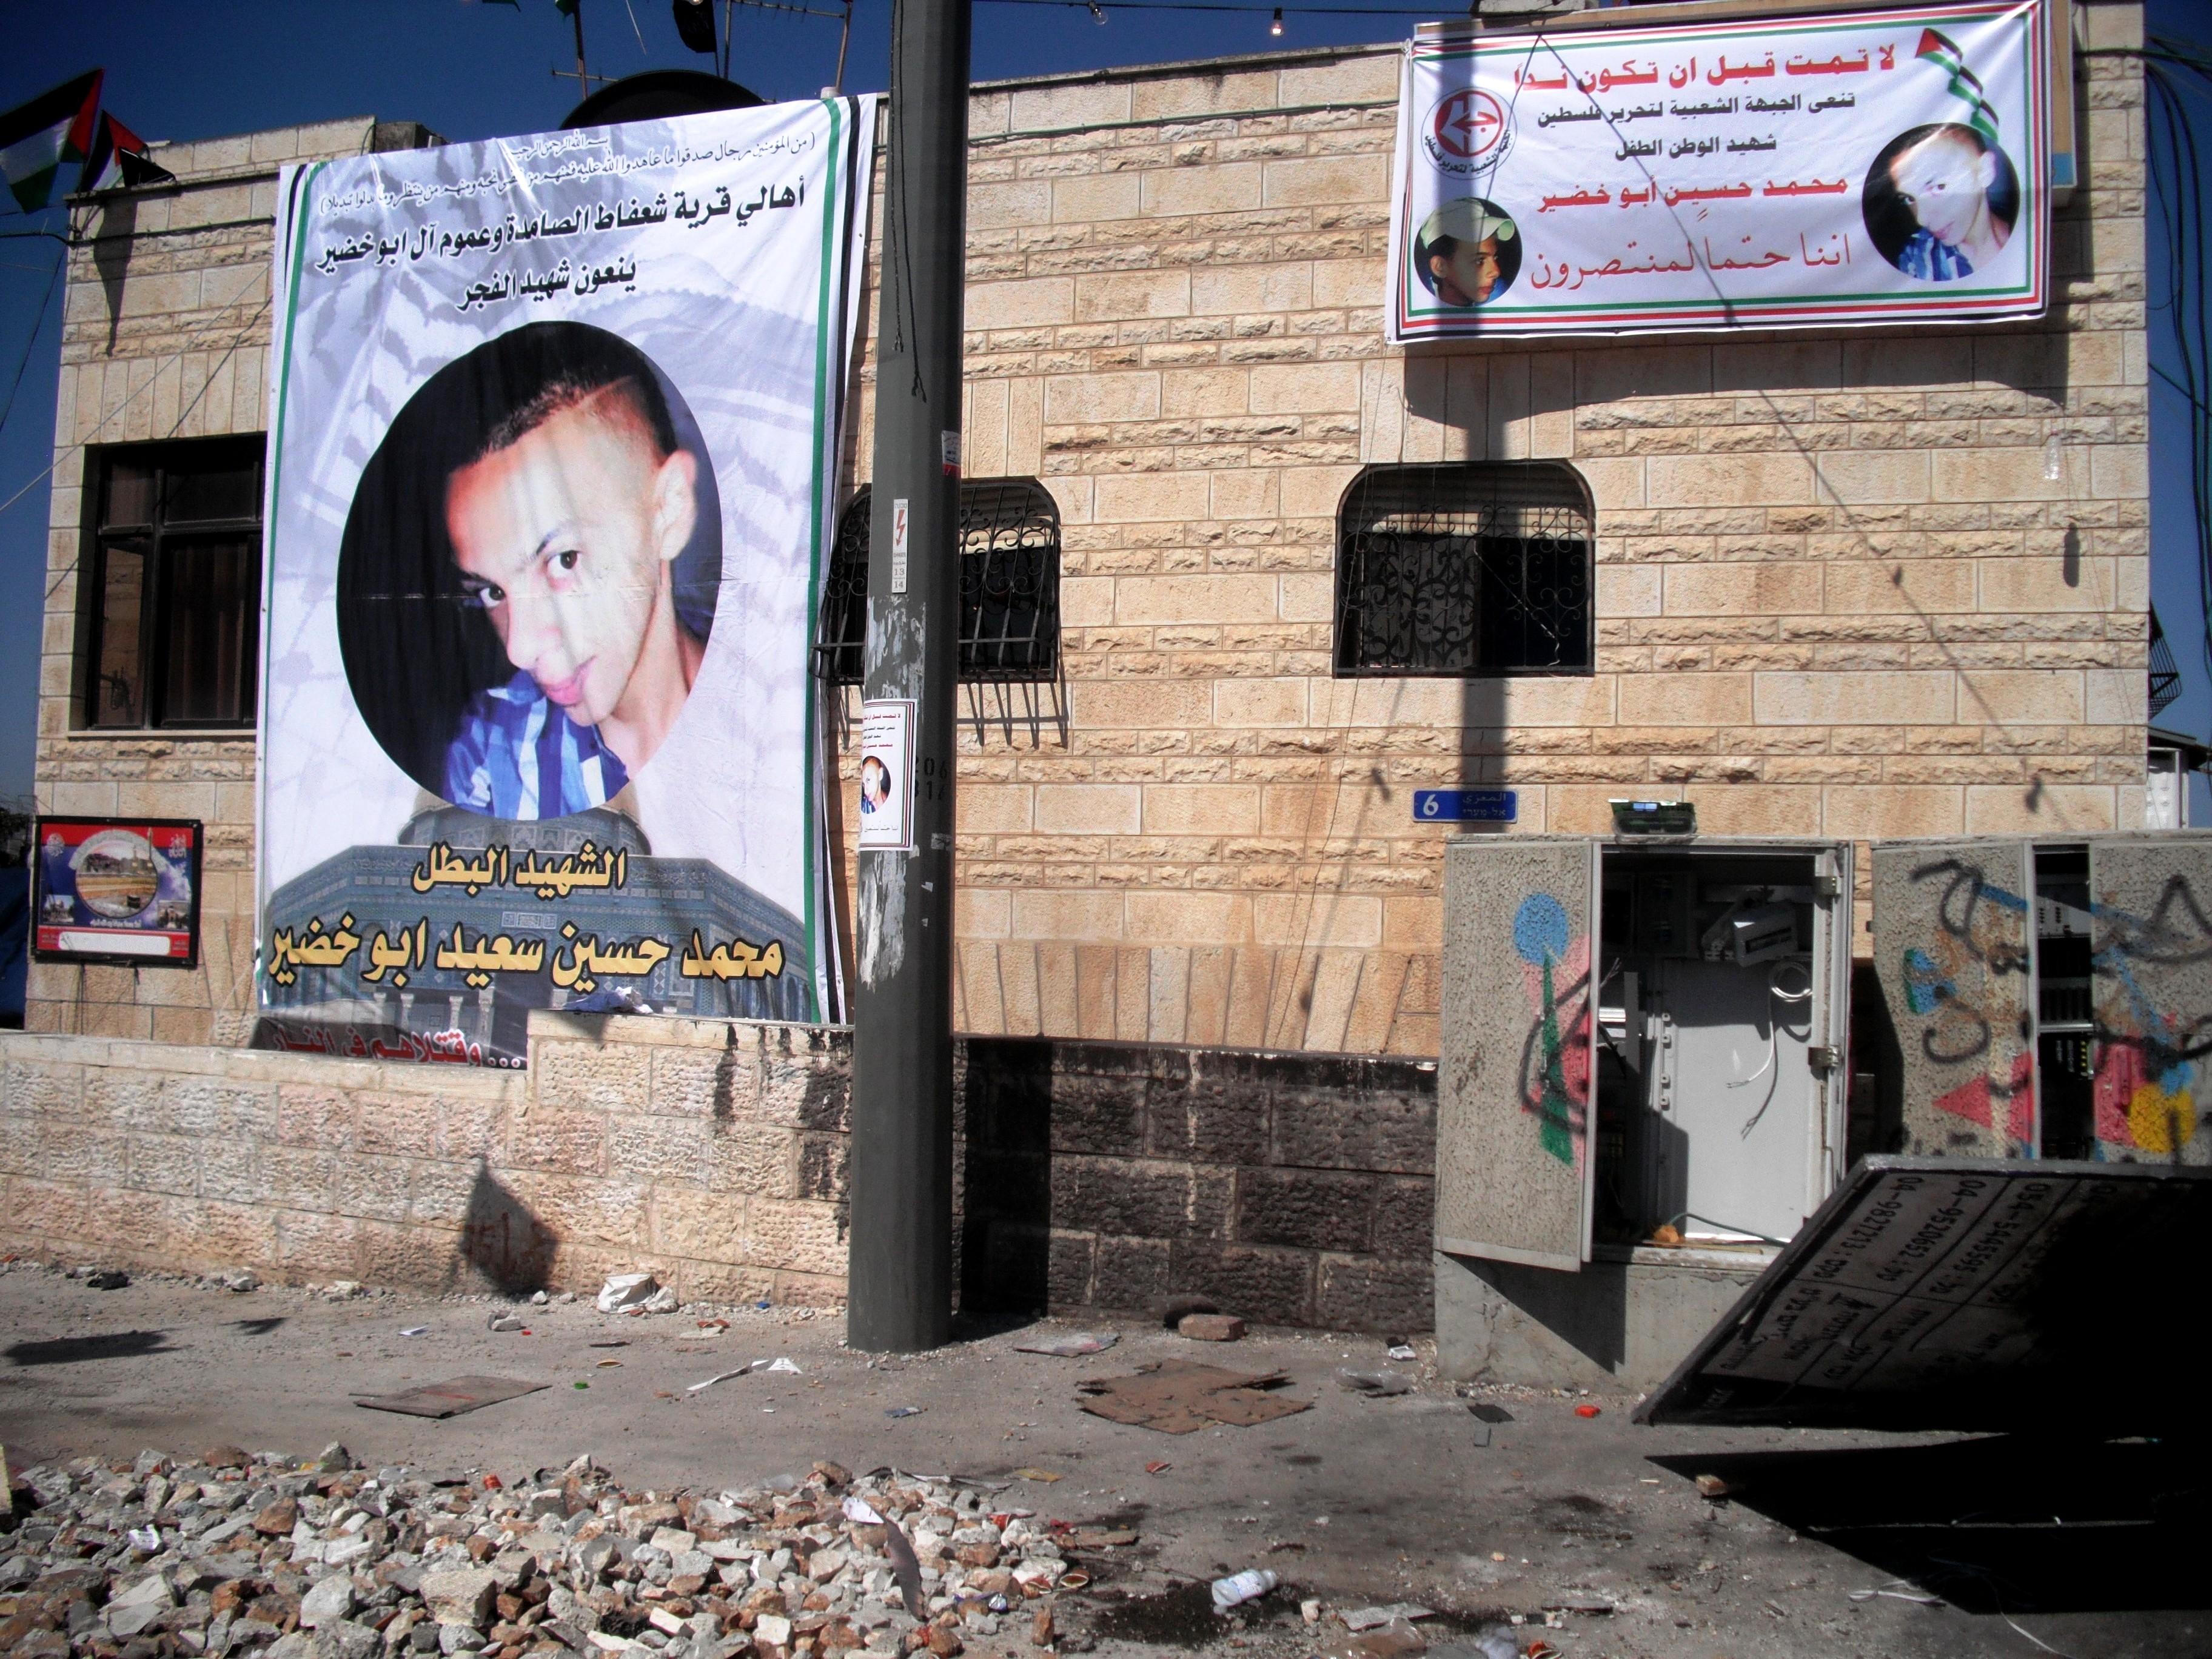 La casa di Mohammed Abu Khdeir (Foto: Chiara Cruciati/Nena News)